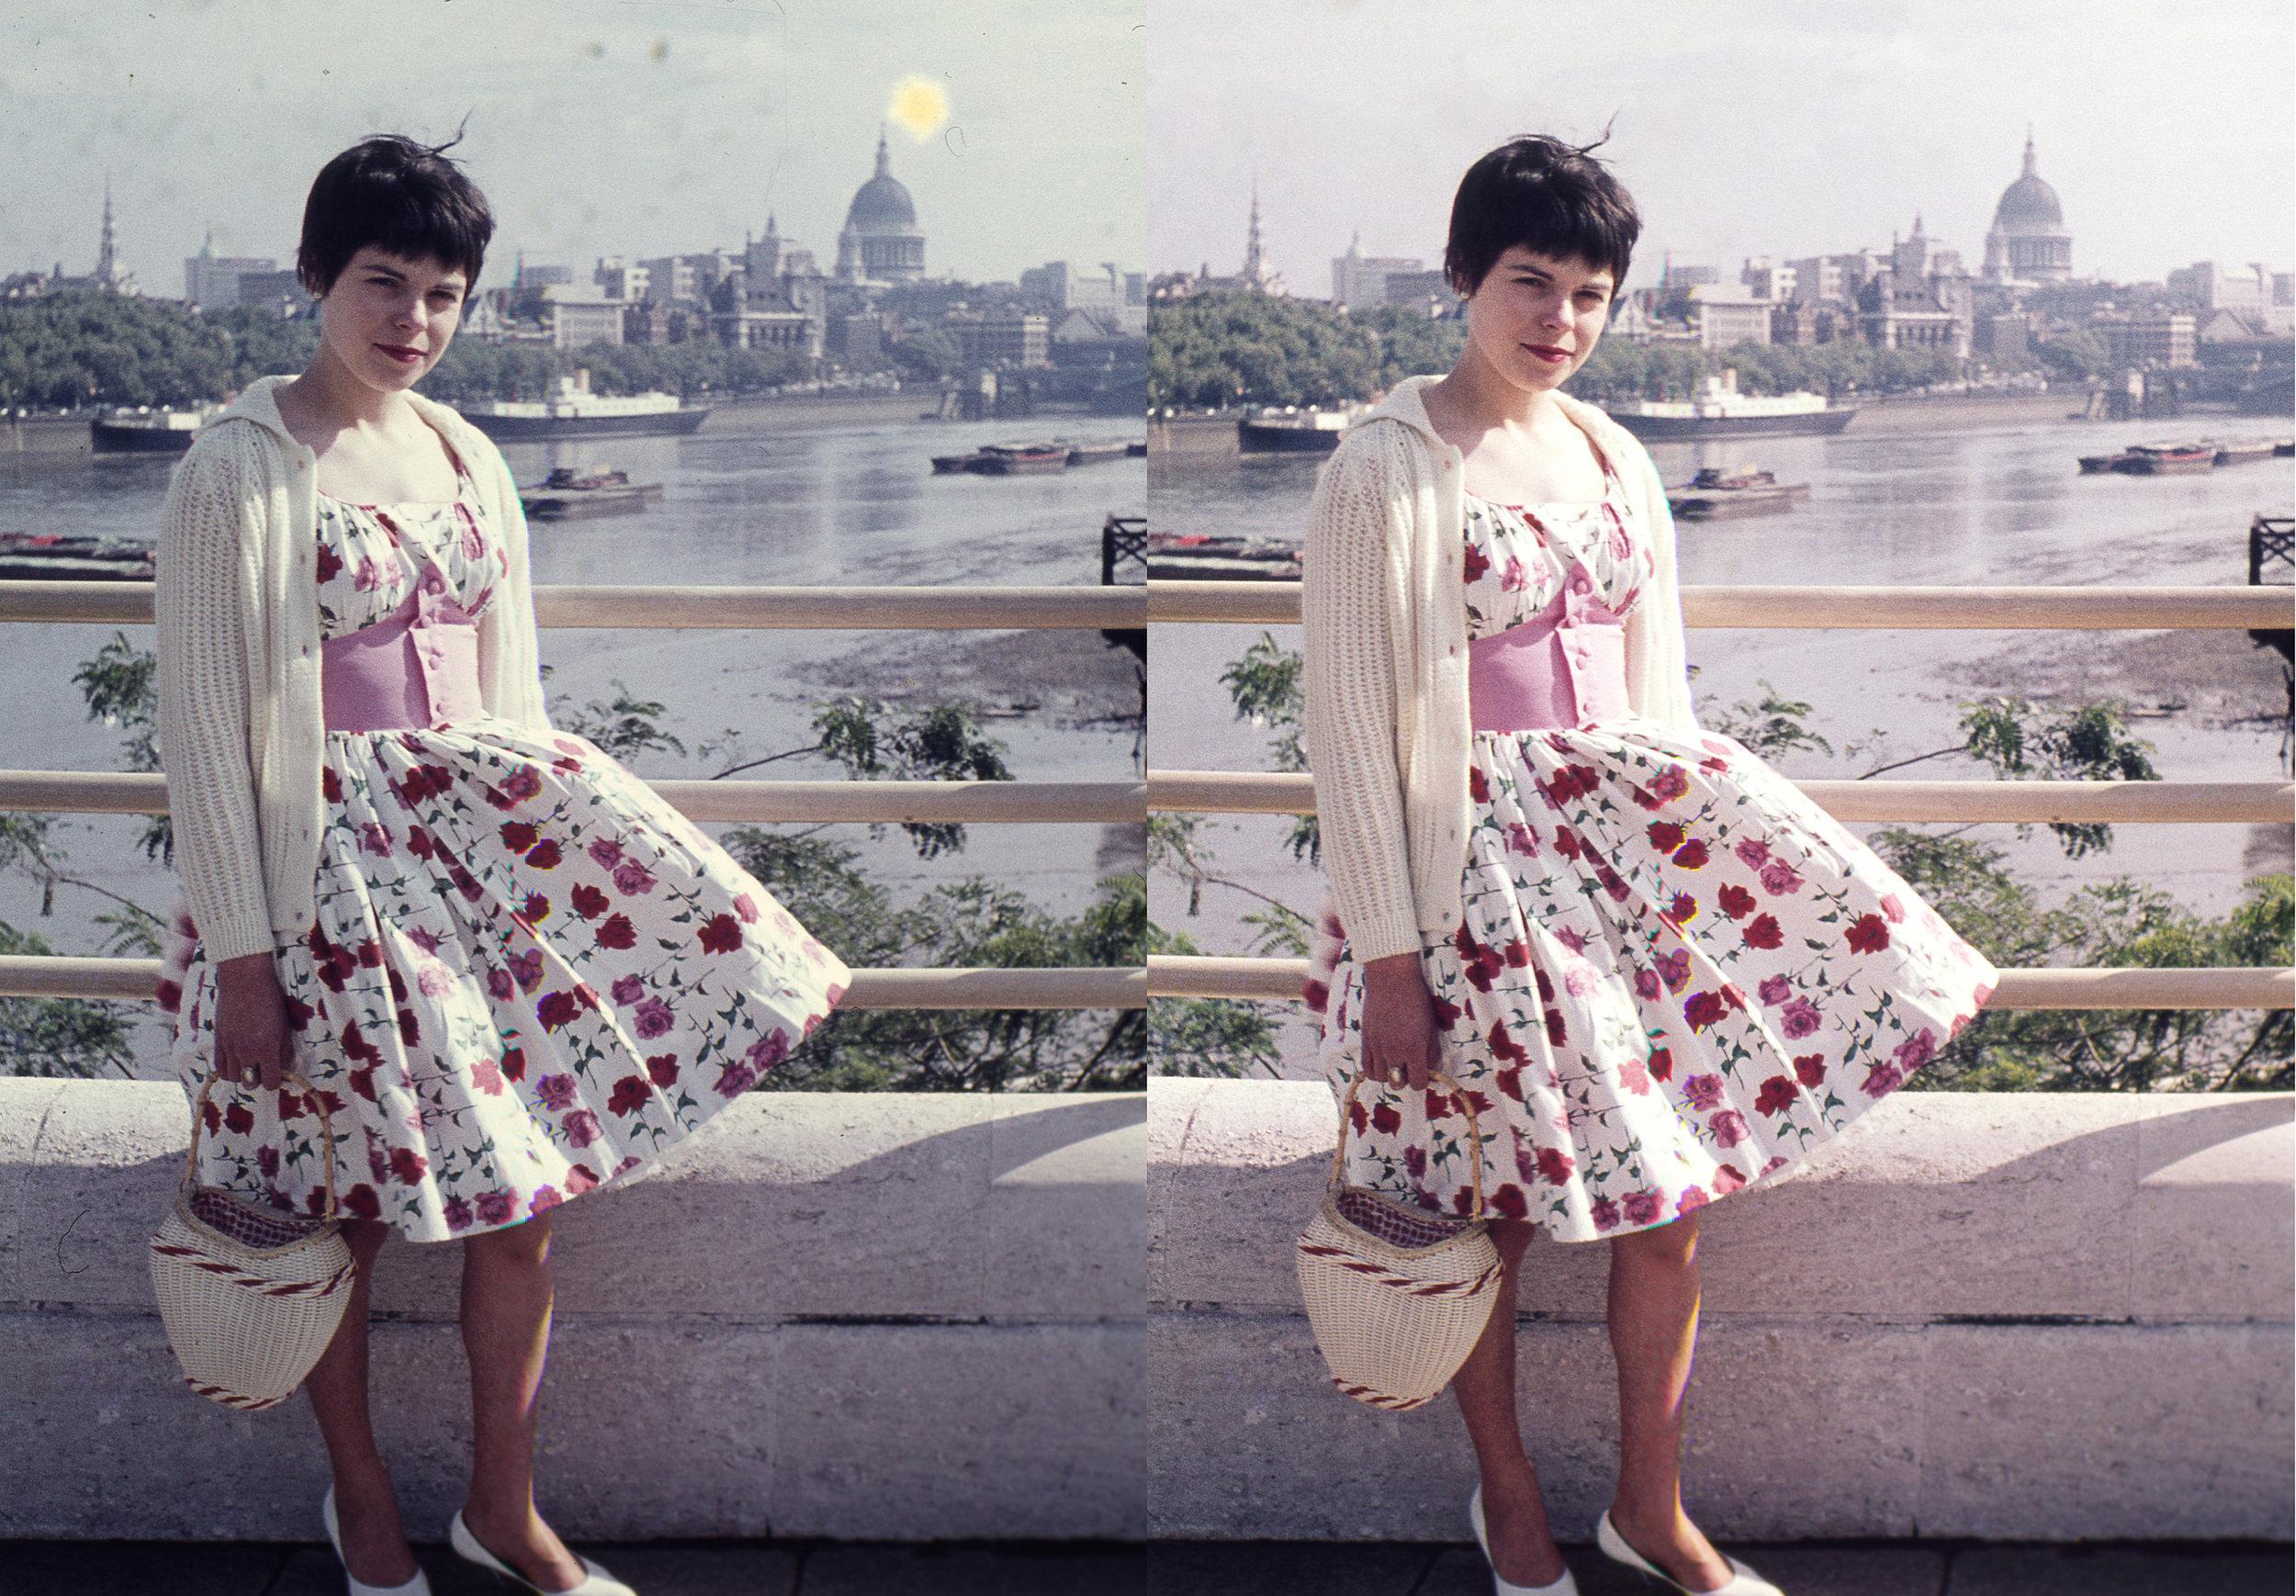 Honeymoon in London, 1959 -  35mm colour positive slide.